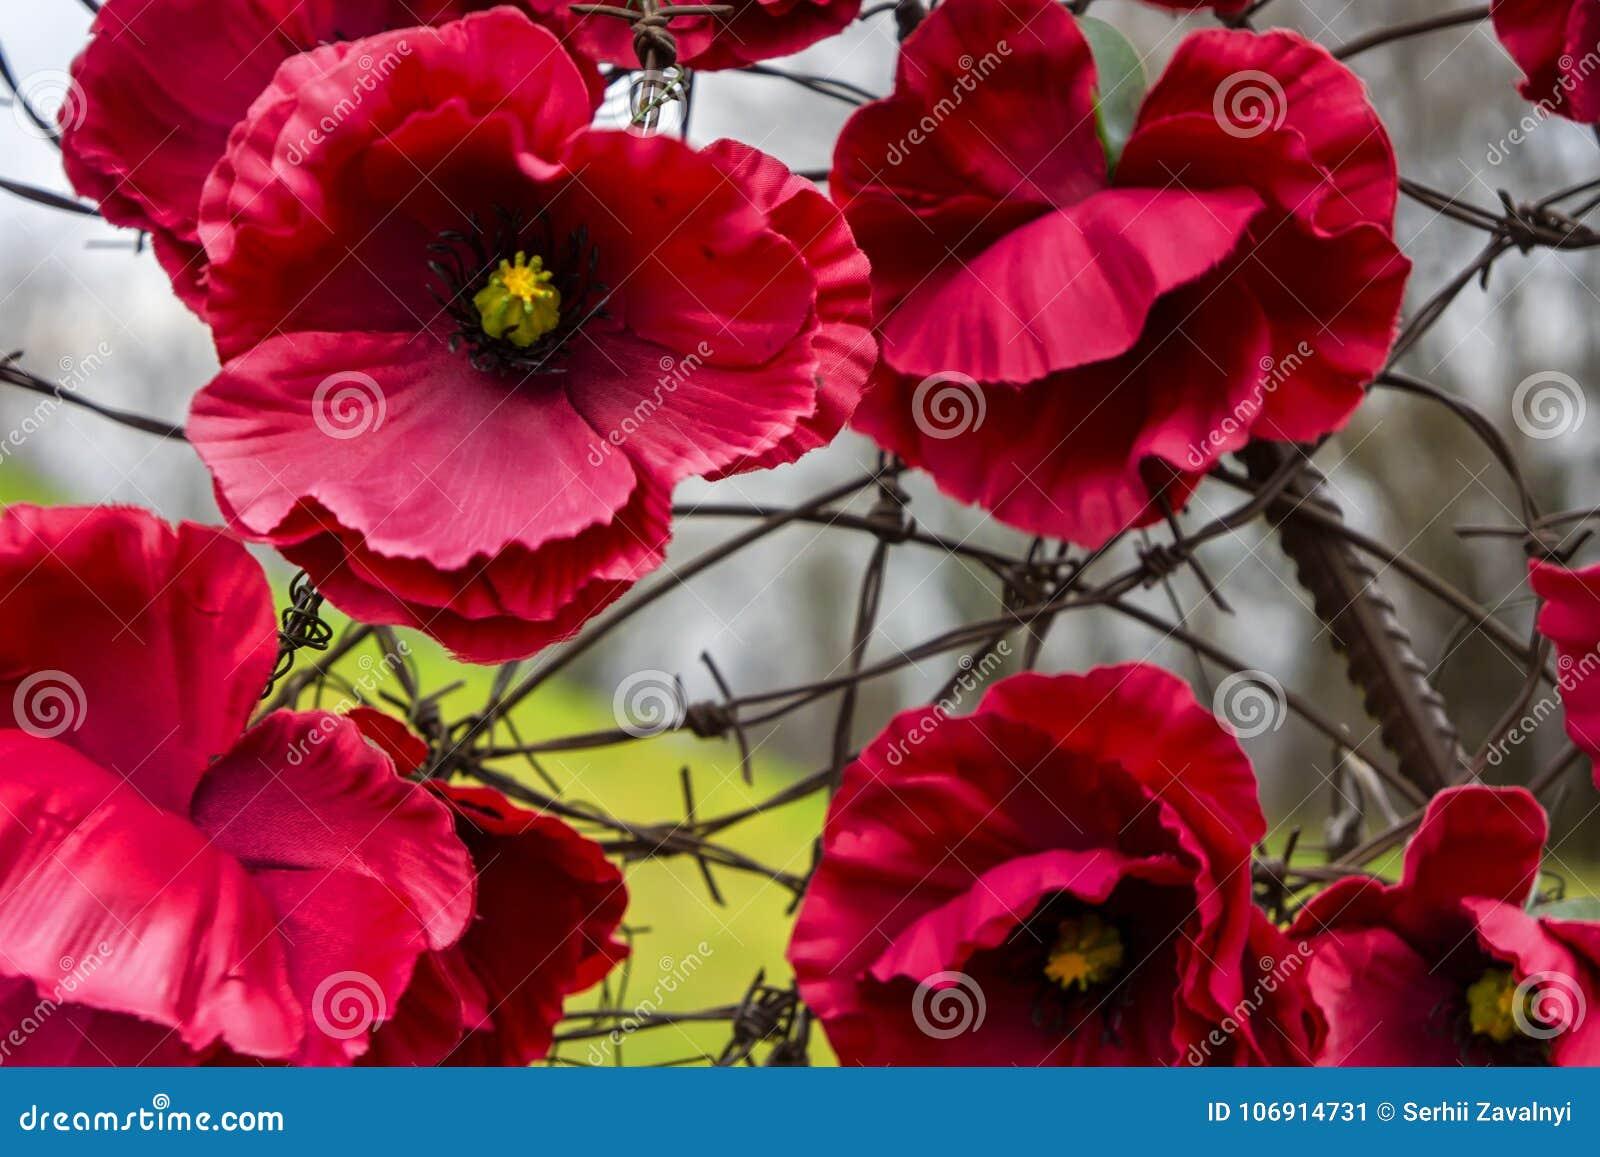 Ukraina od kwiatów i drutu kolczastego